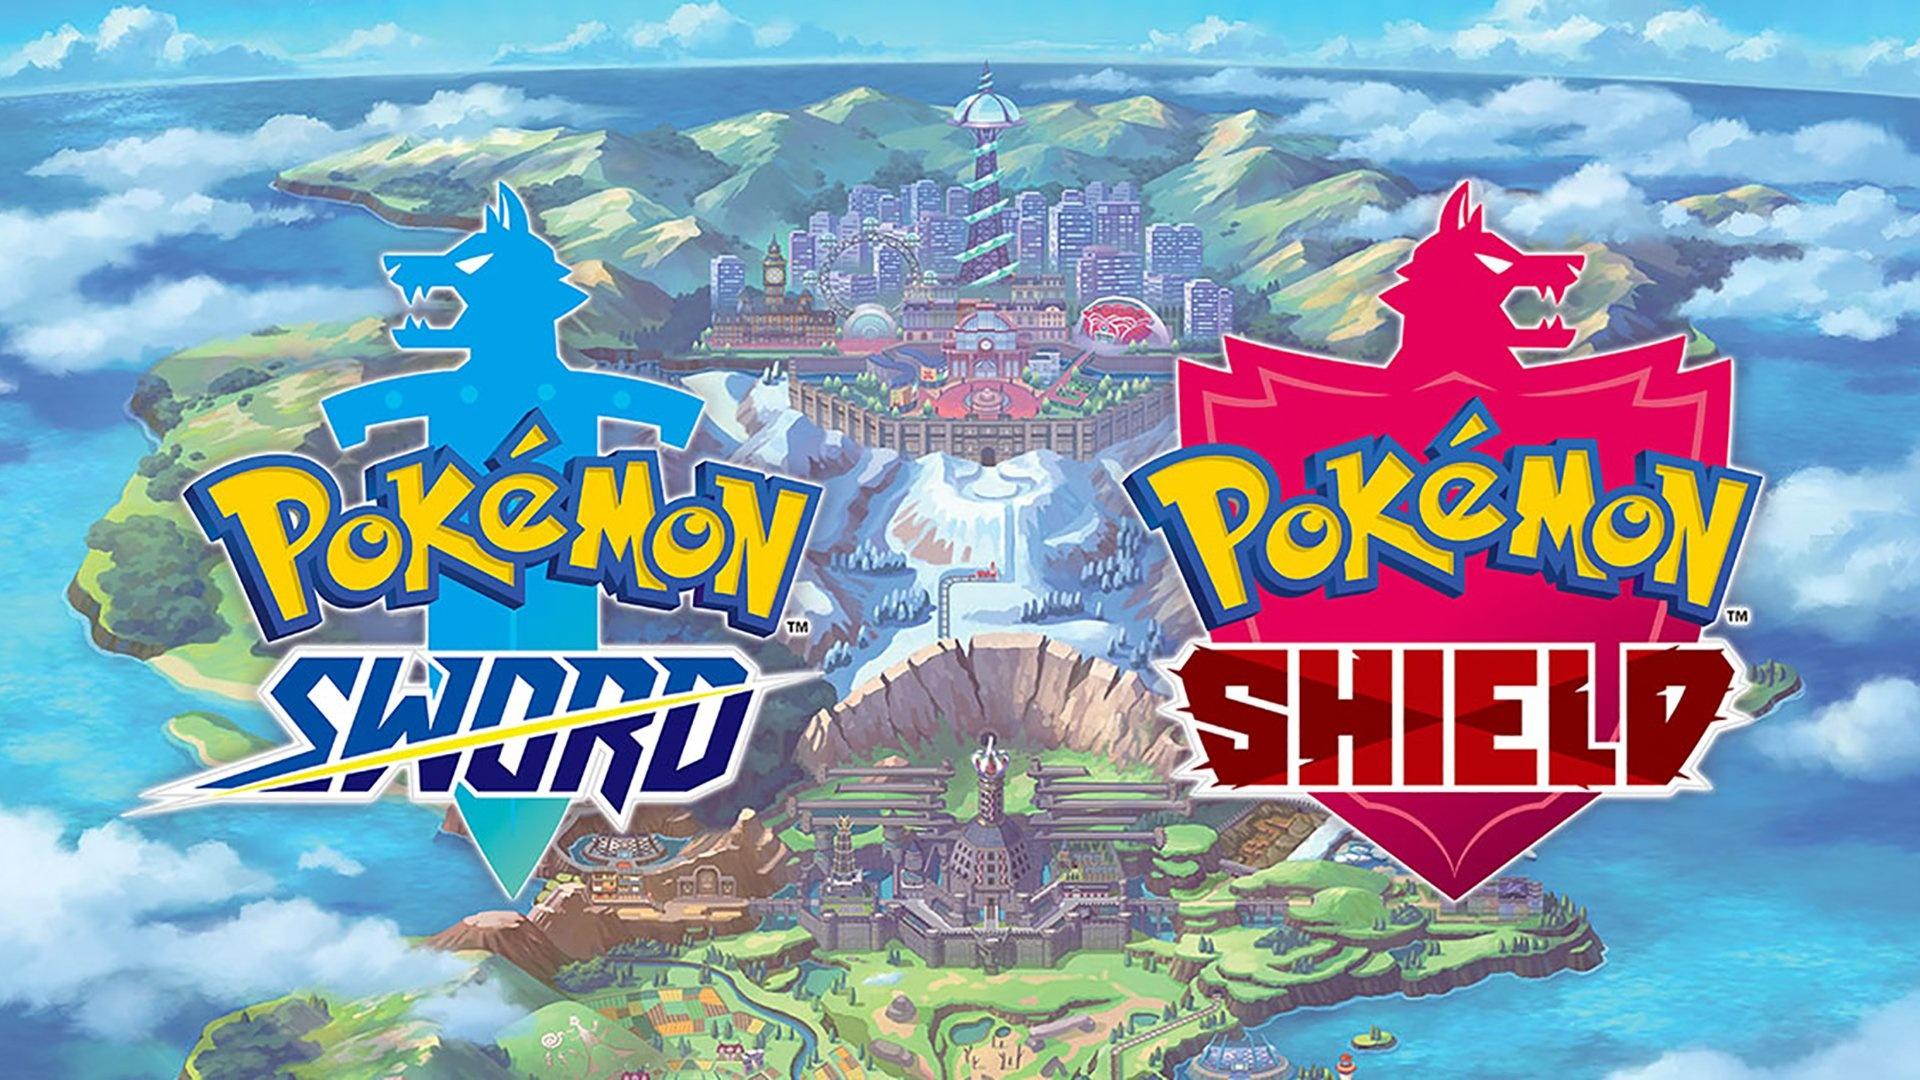 Pokemon Schwert Schild Alle Highlights Aus Der Direct Im Uberblick